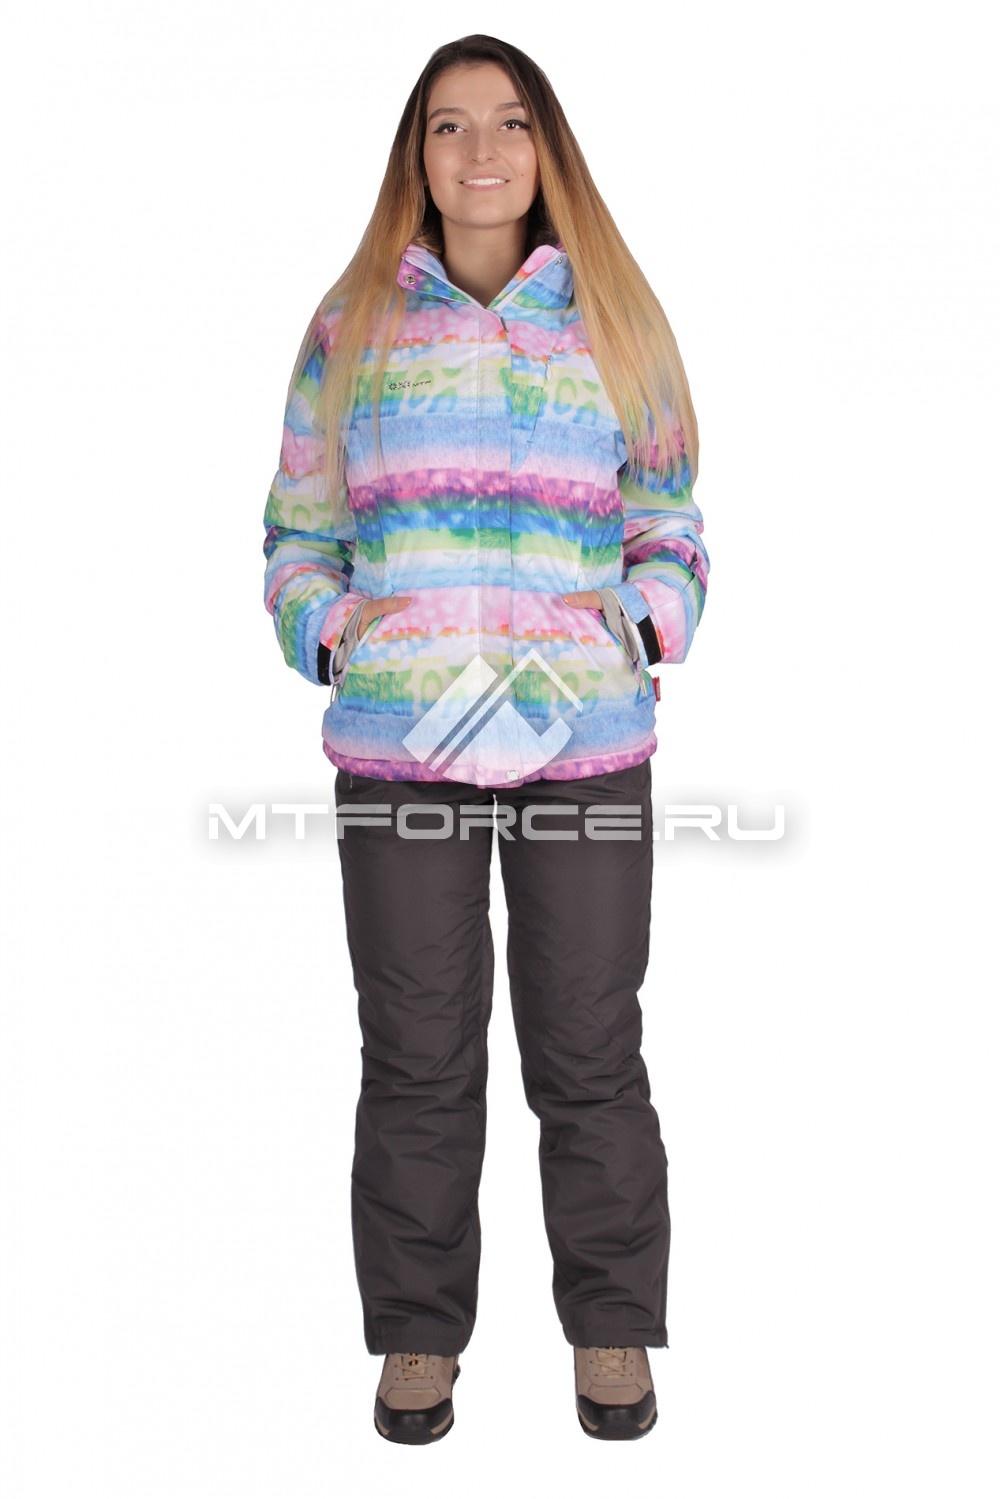 Купить                                  оптом Костюм горнолыжный женский голубого цвета 01631Gl